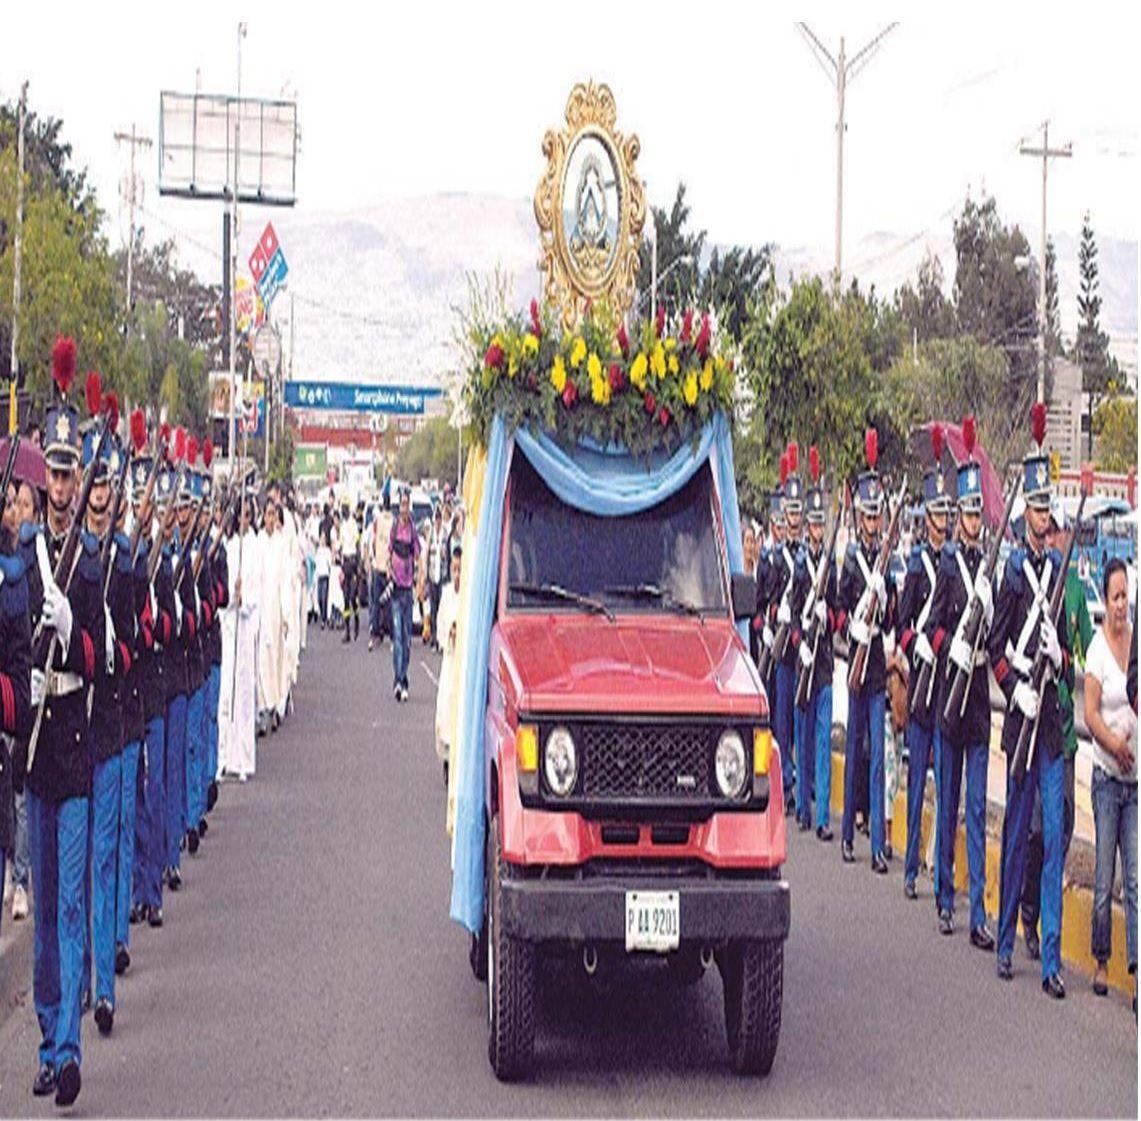 Centenares de fieles católicos acompañaron a la Virgen de Suyapa en un recorrido por el bulevar del mismo nombre, para iniciar las fiestas en honor a su día este 3 de febrero.